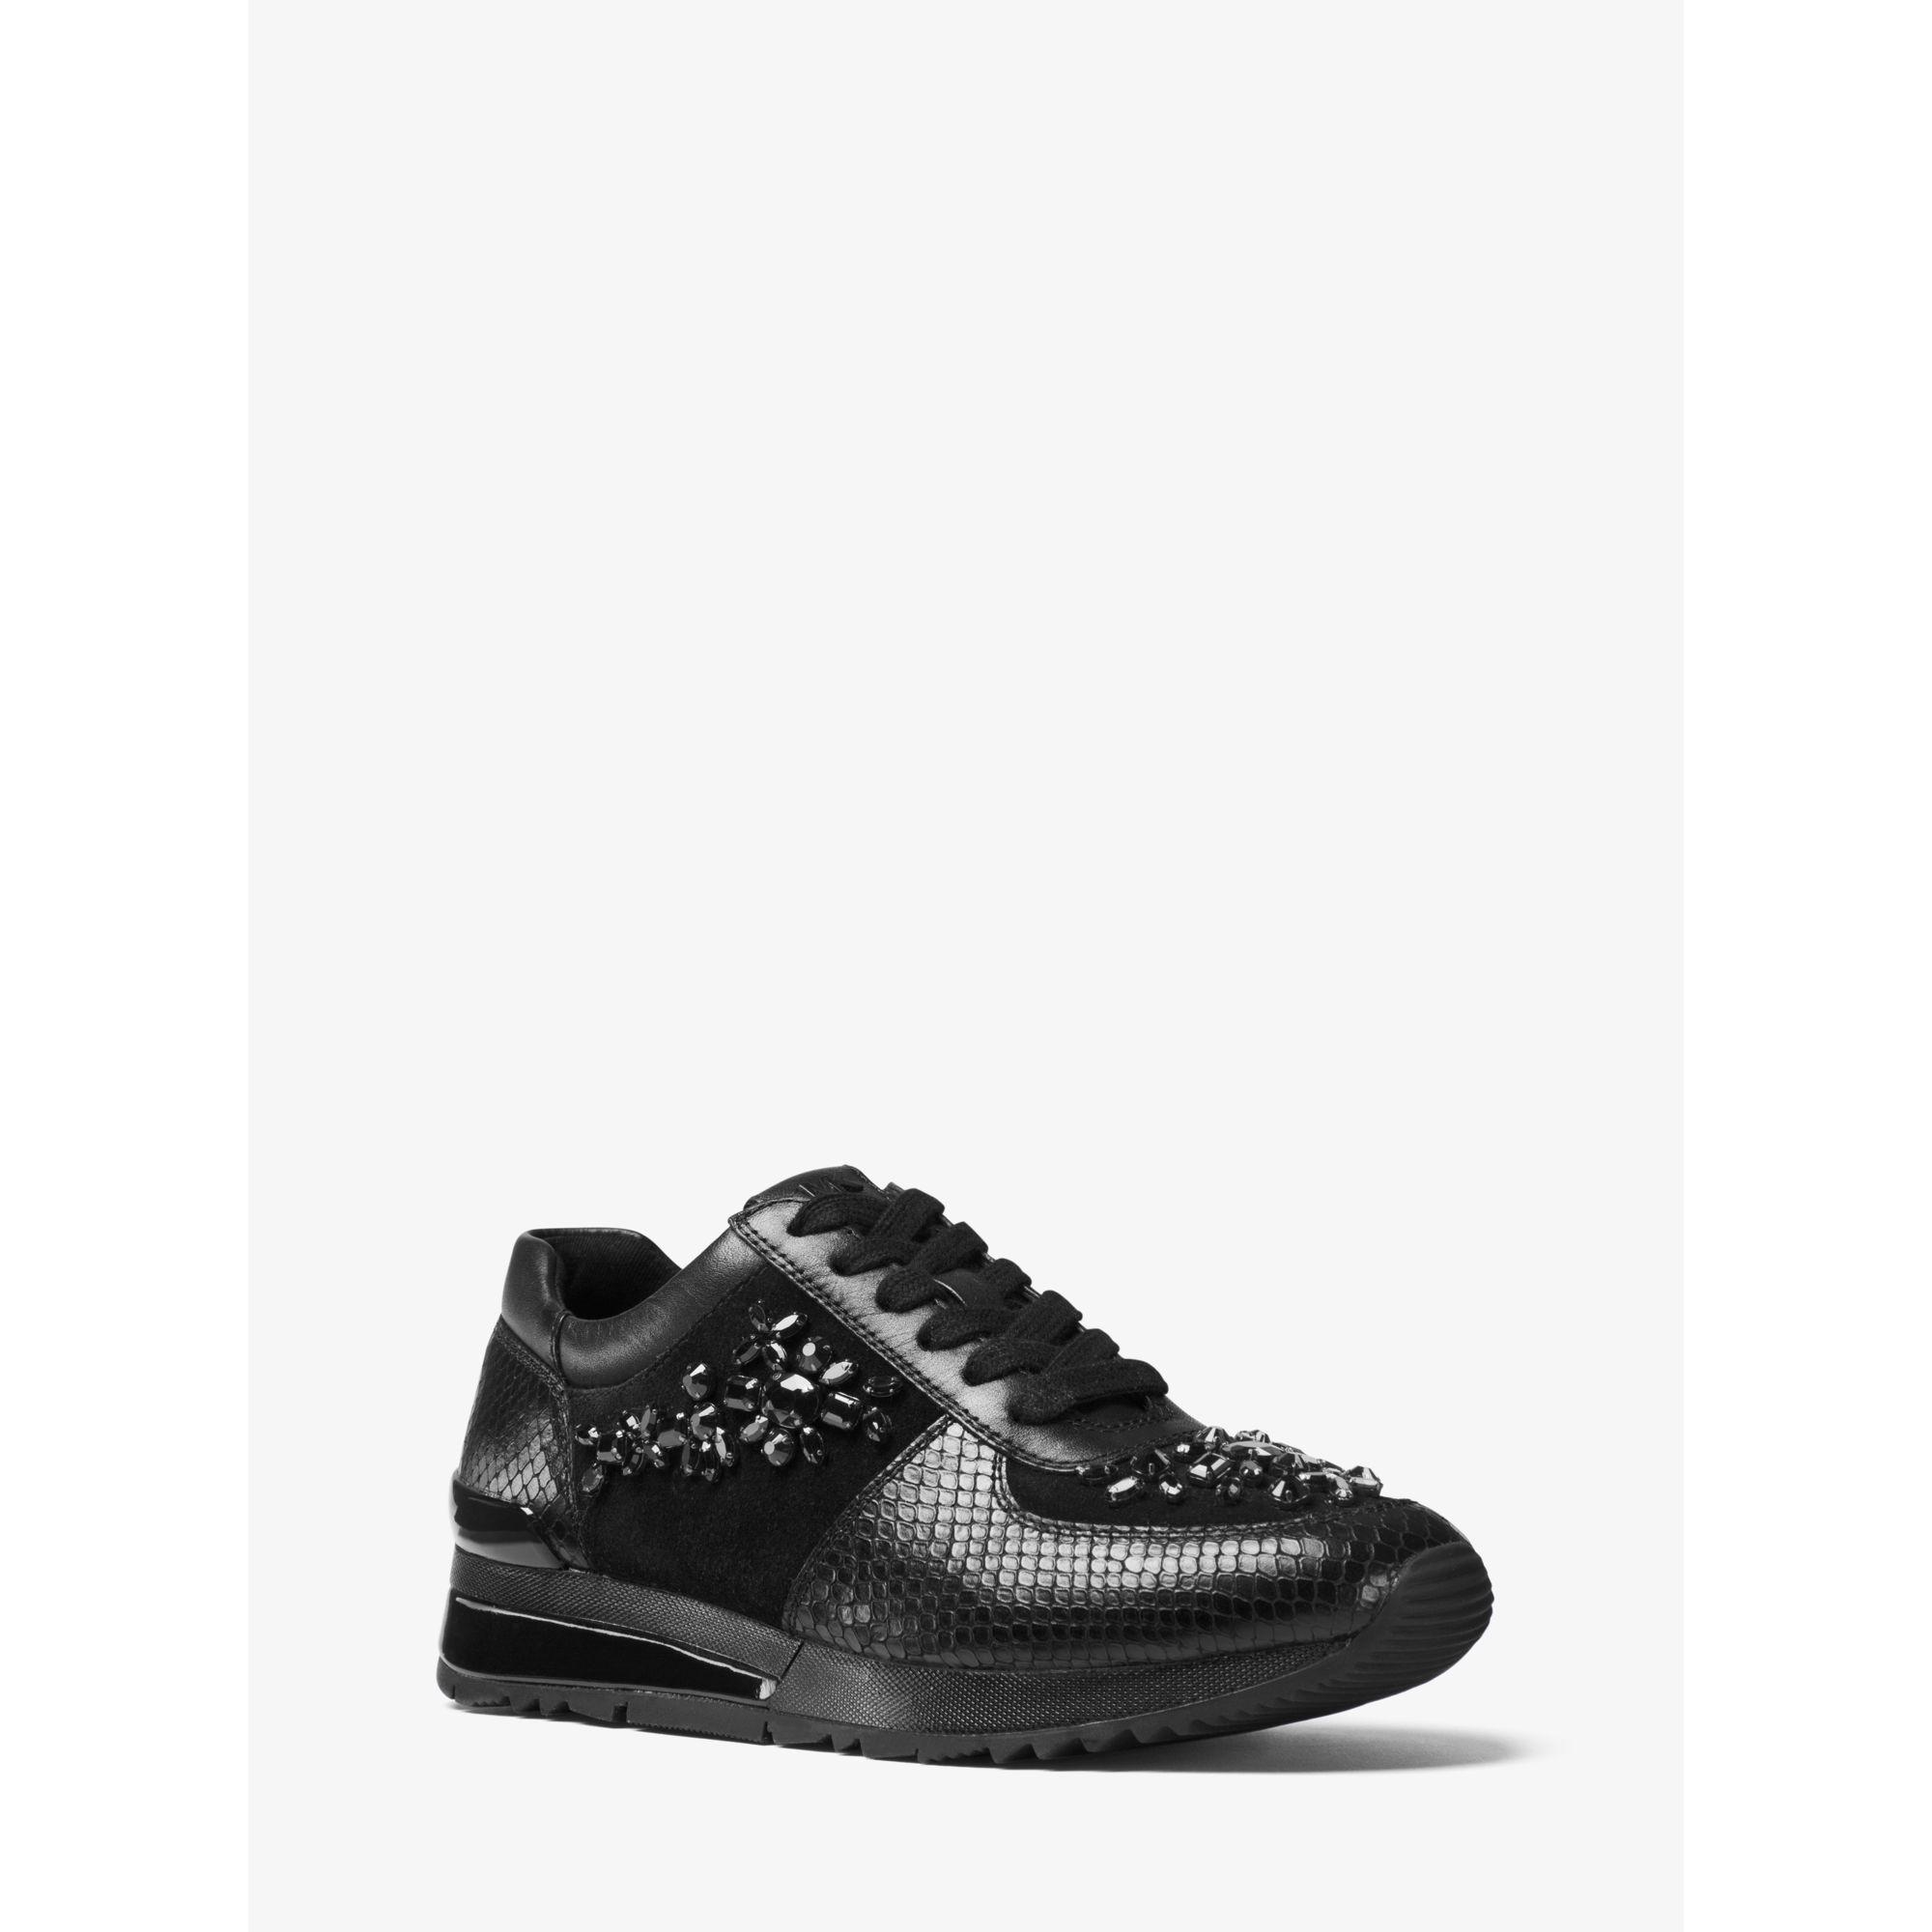 michael kors allie embellished leather sneaker in black lyst. Black Bedroom Furniture Sets. Home Design Ideas